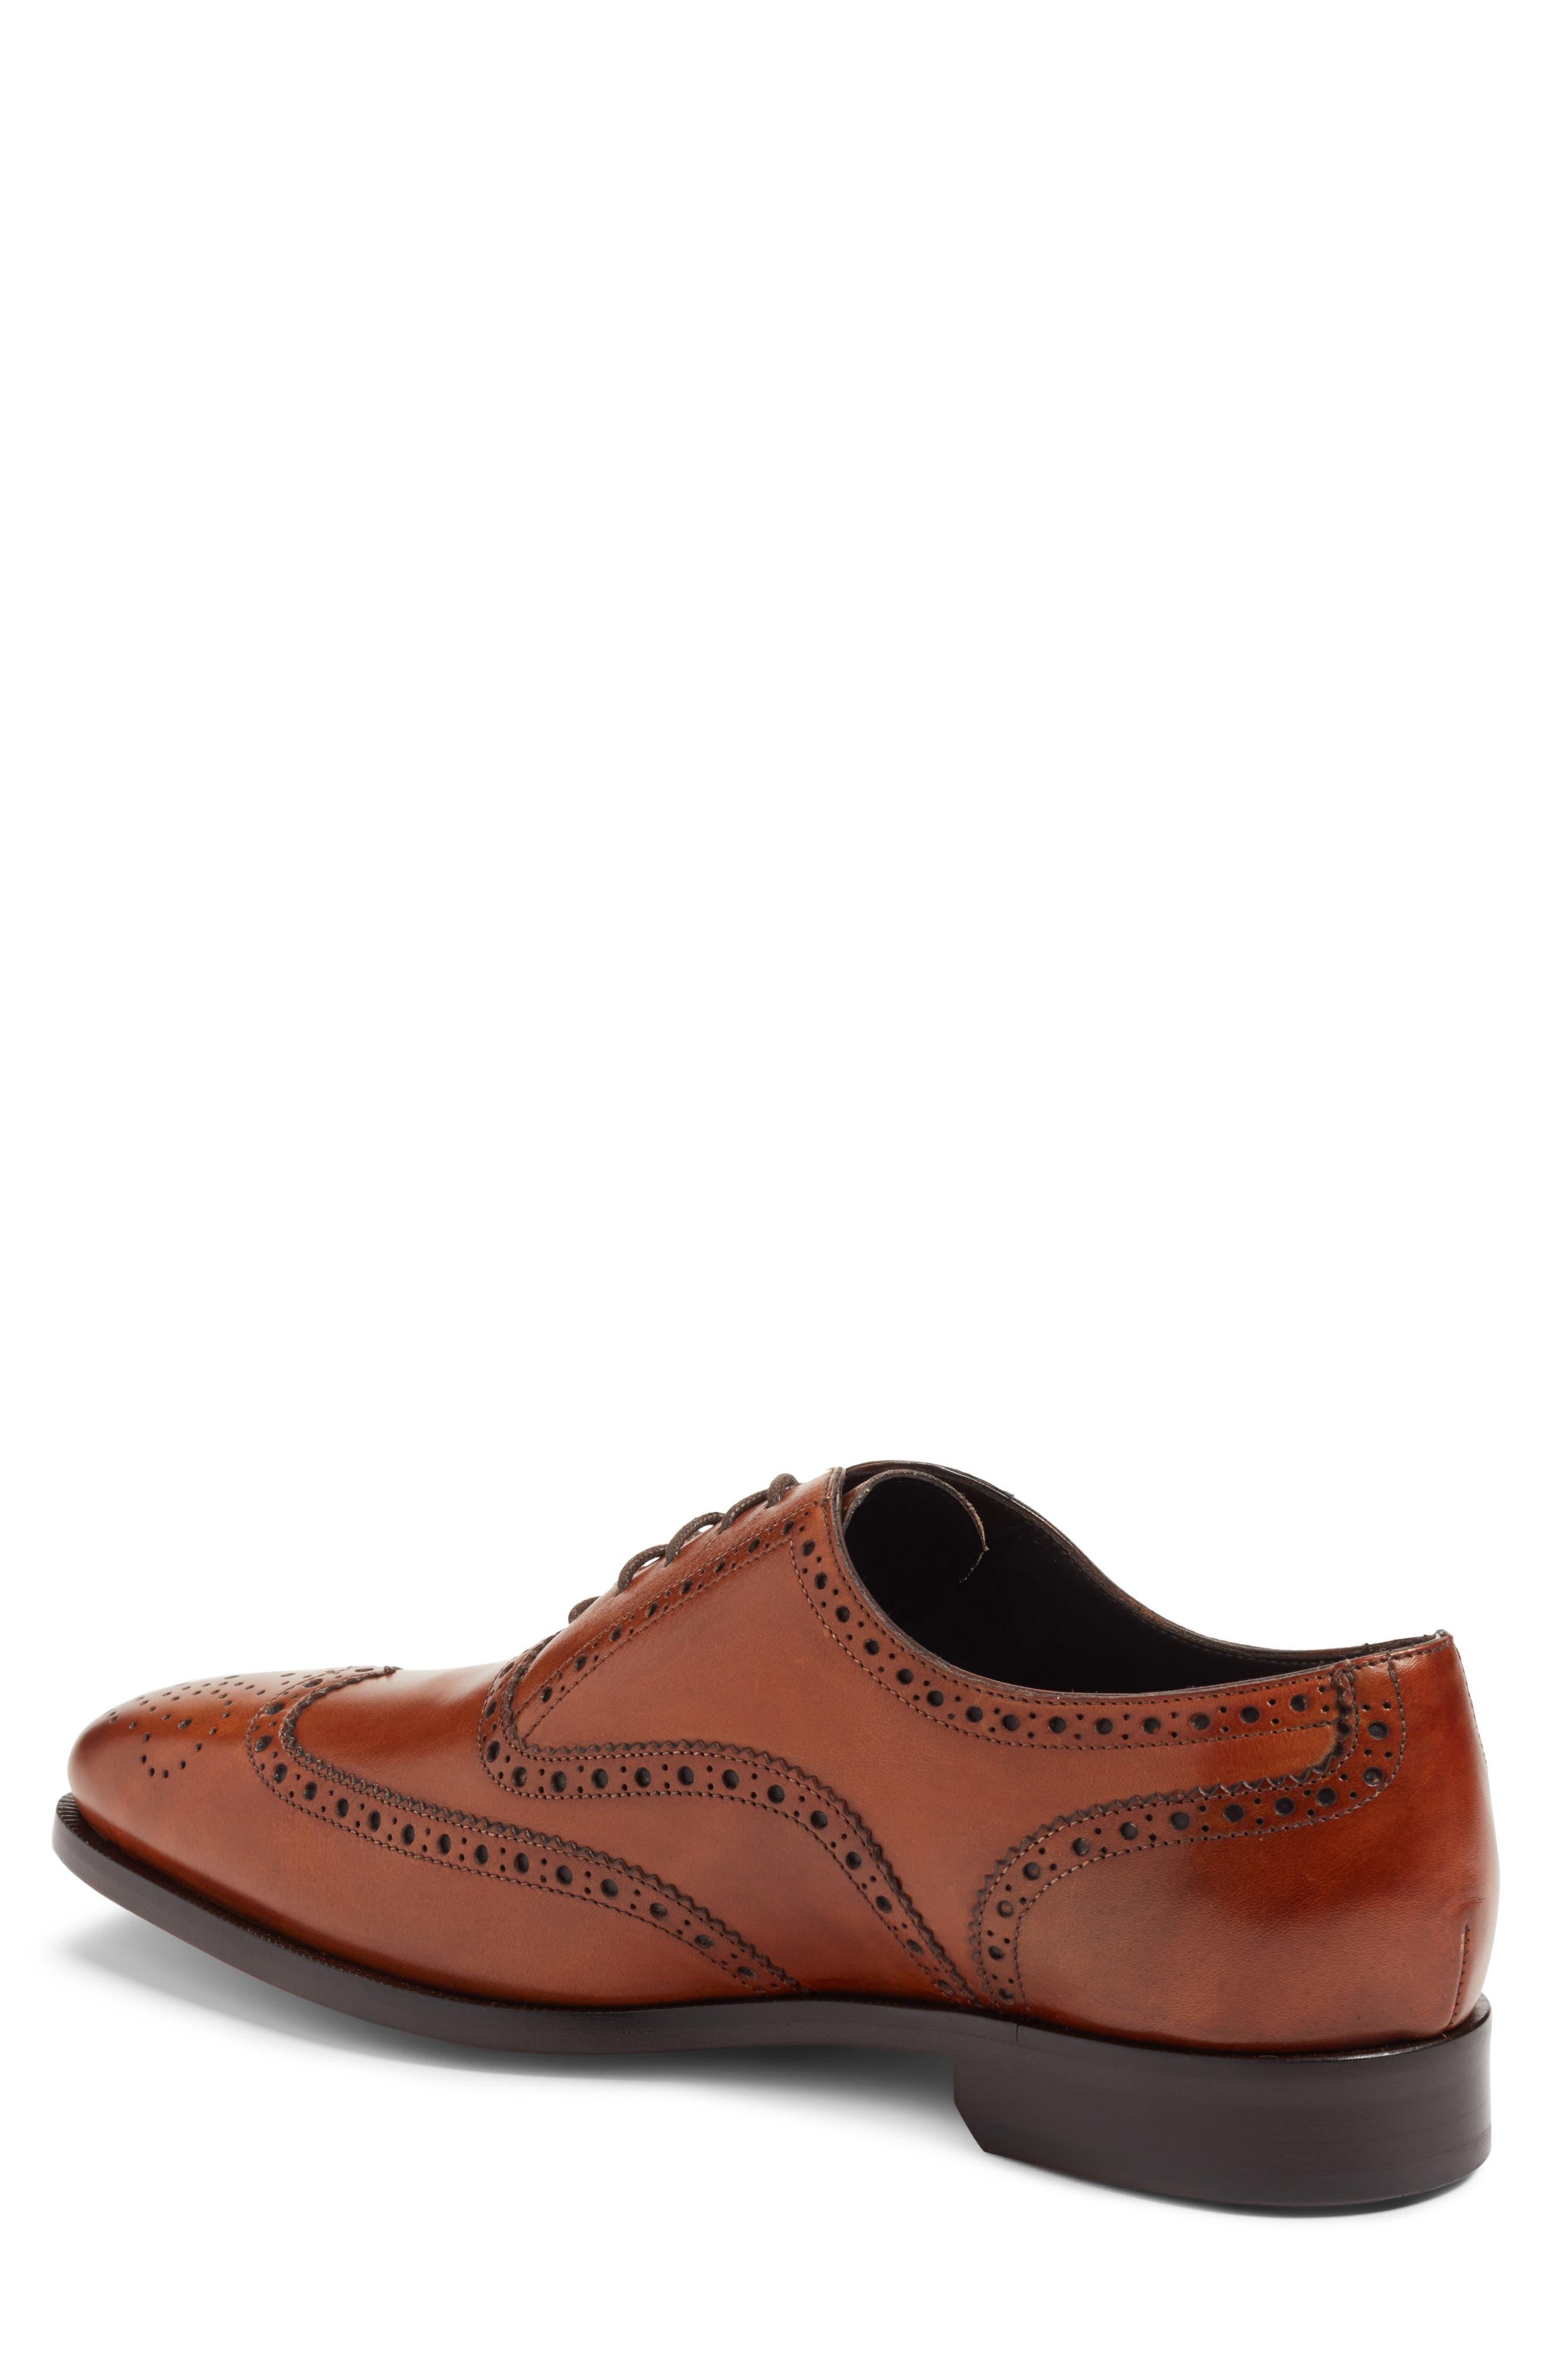 Ambler Wingtip,                             Alternate thumbnail 2, color,                             Cognac Leather